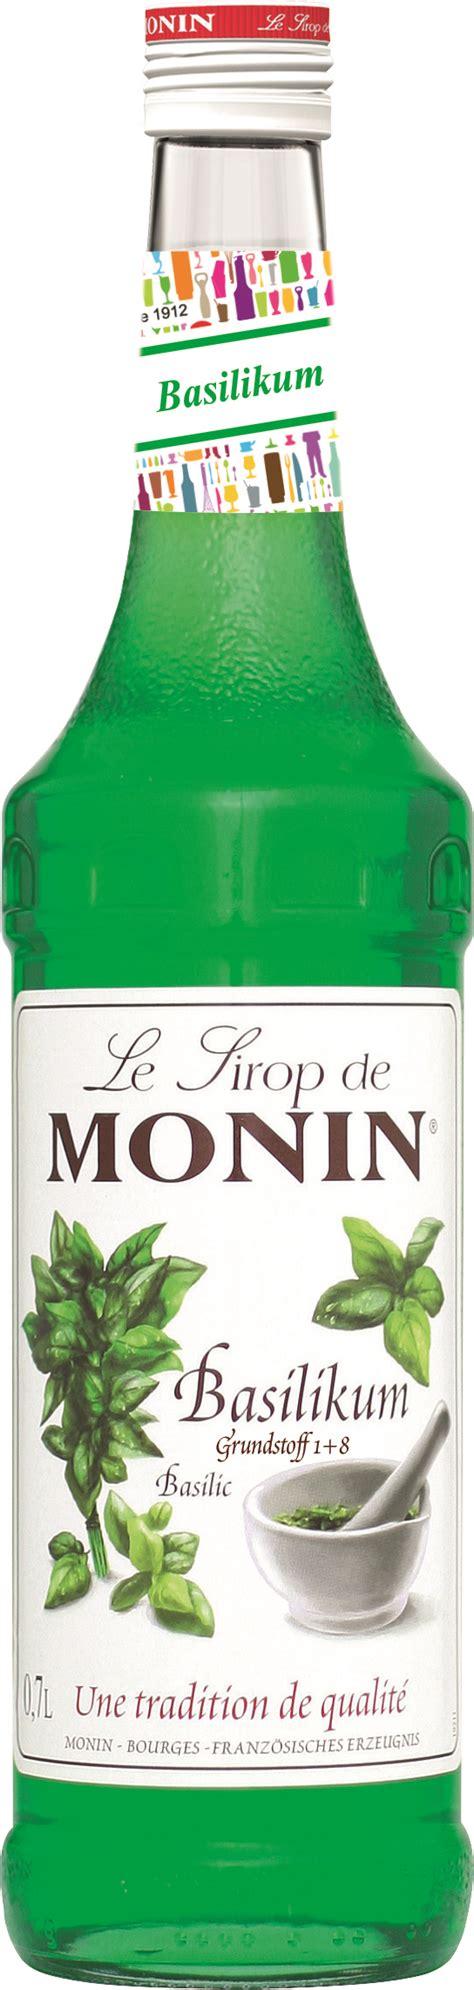 Basilikum  Monin Sirup